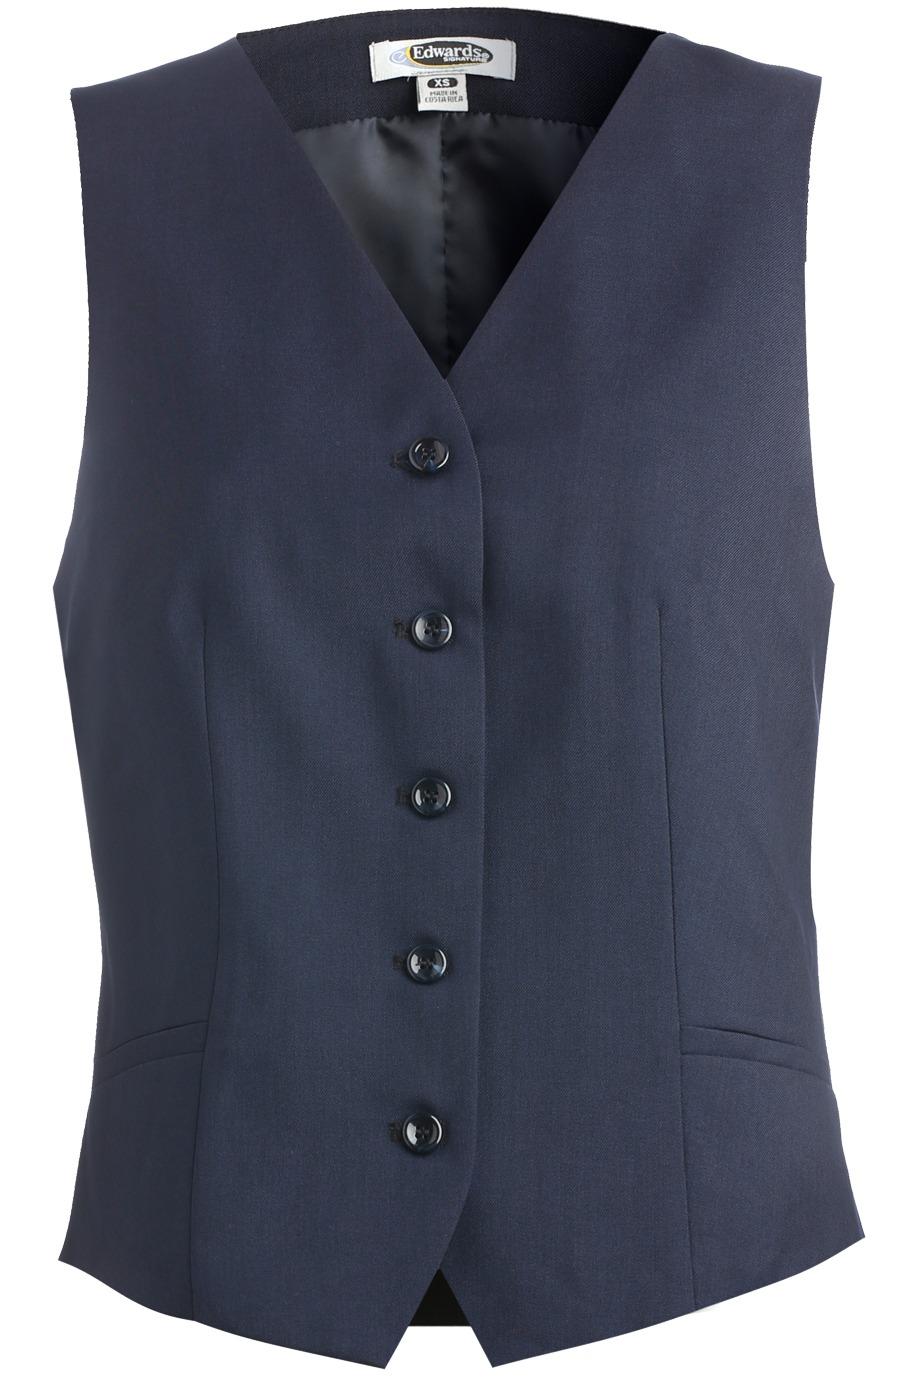 Edwards Garment 7526 - Synergy Washable Vest